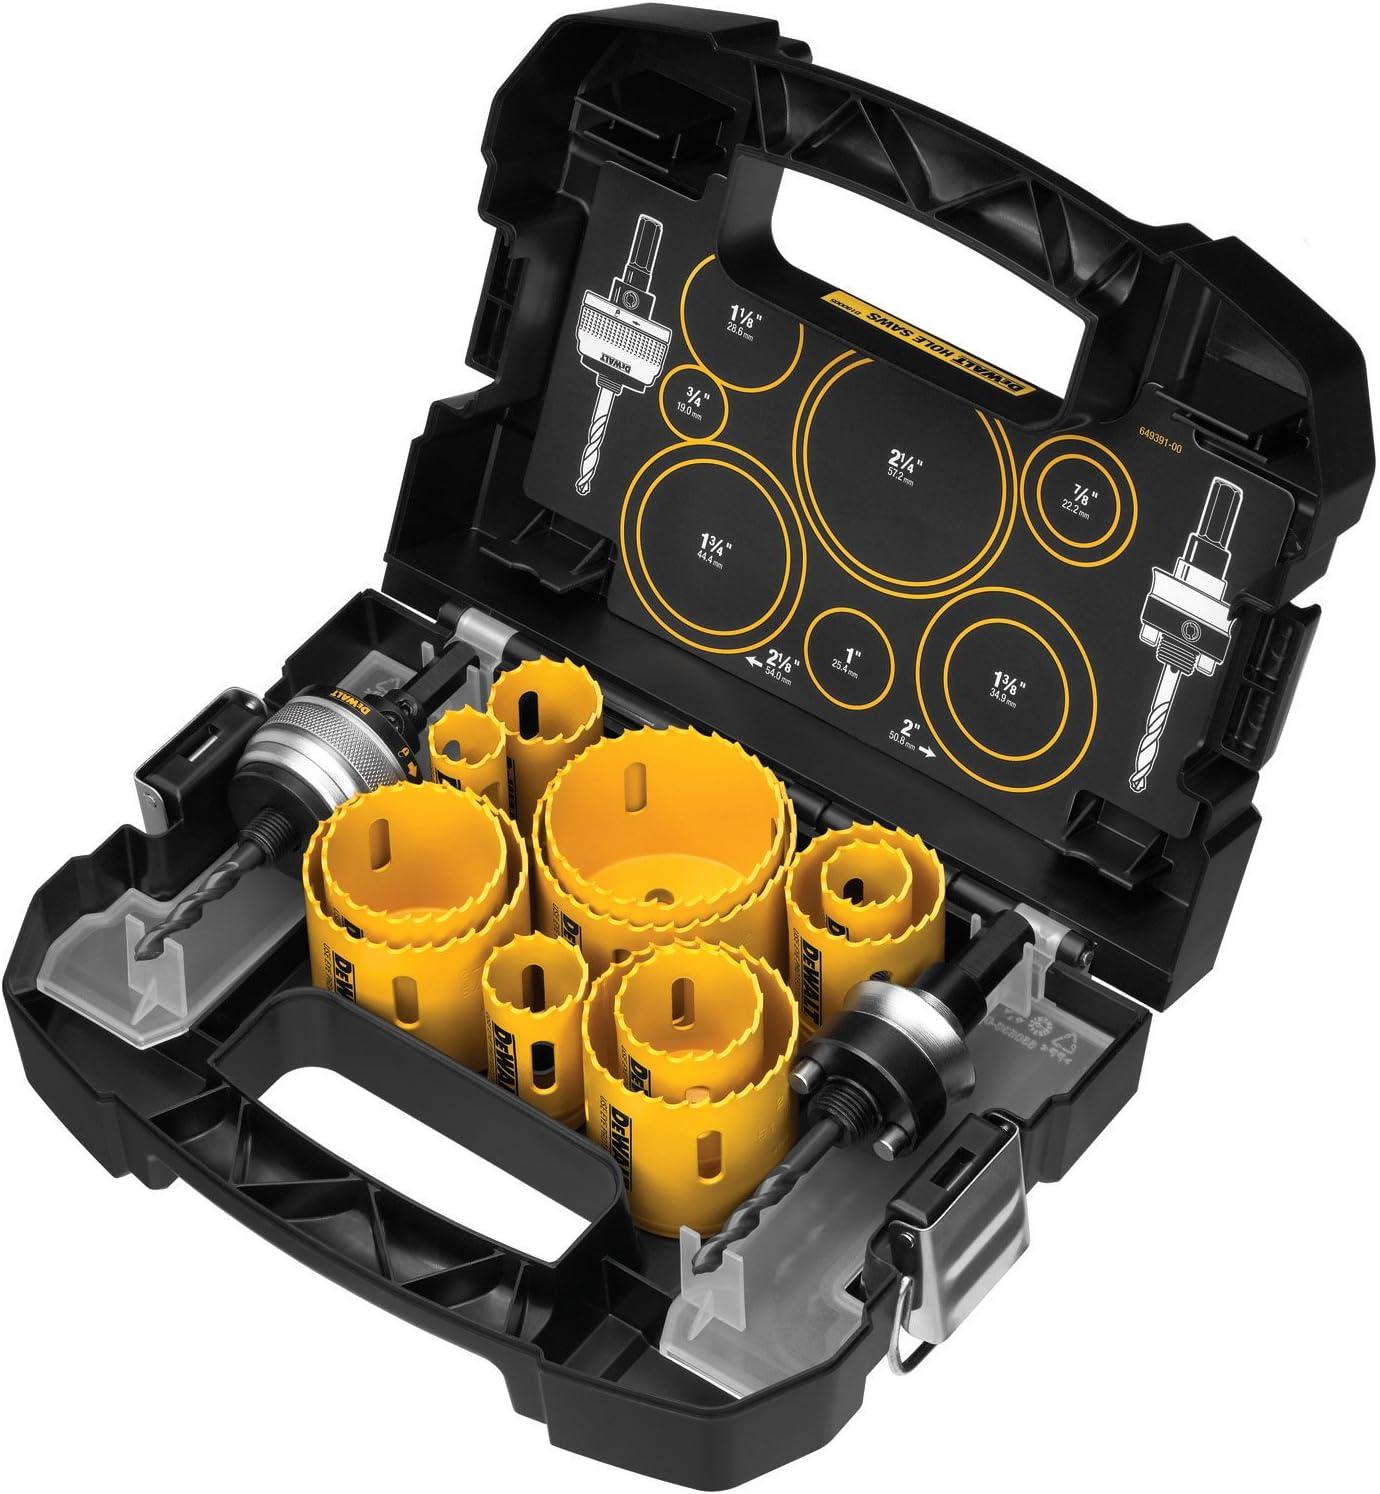 6. DEWALT D180005 14-Piece Holesaw Set